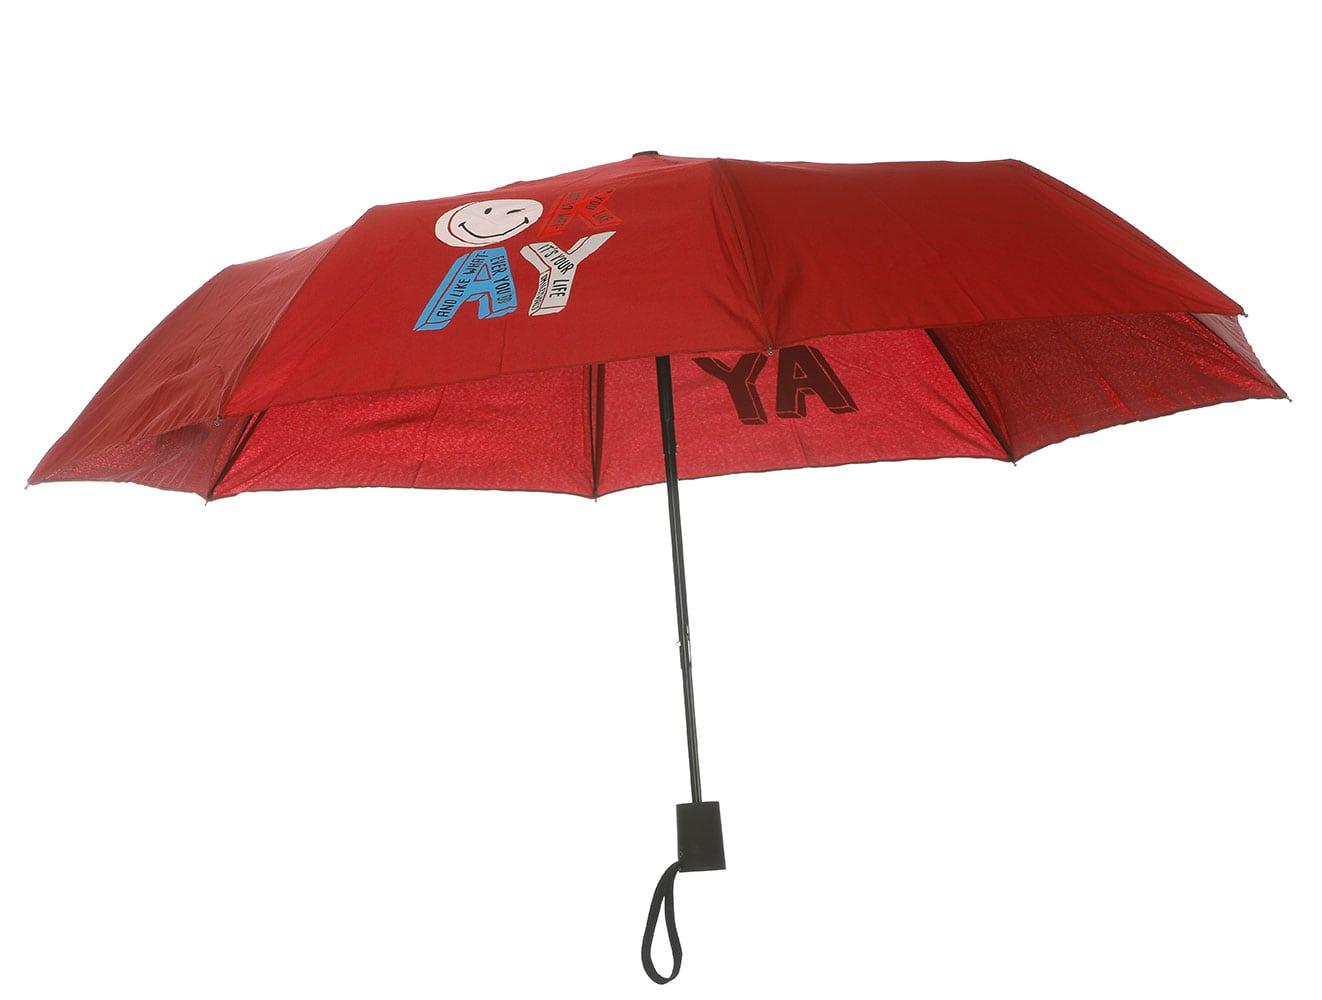 Smiley World Ομπρέλα Σπαστή με Αυτόματο Μηχανισμό SML-9230 Μπορντώ